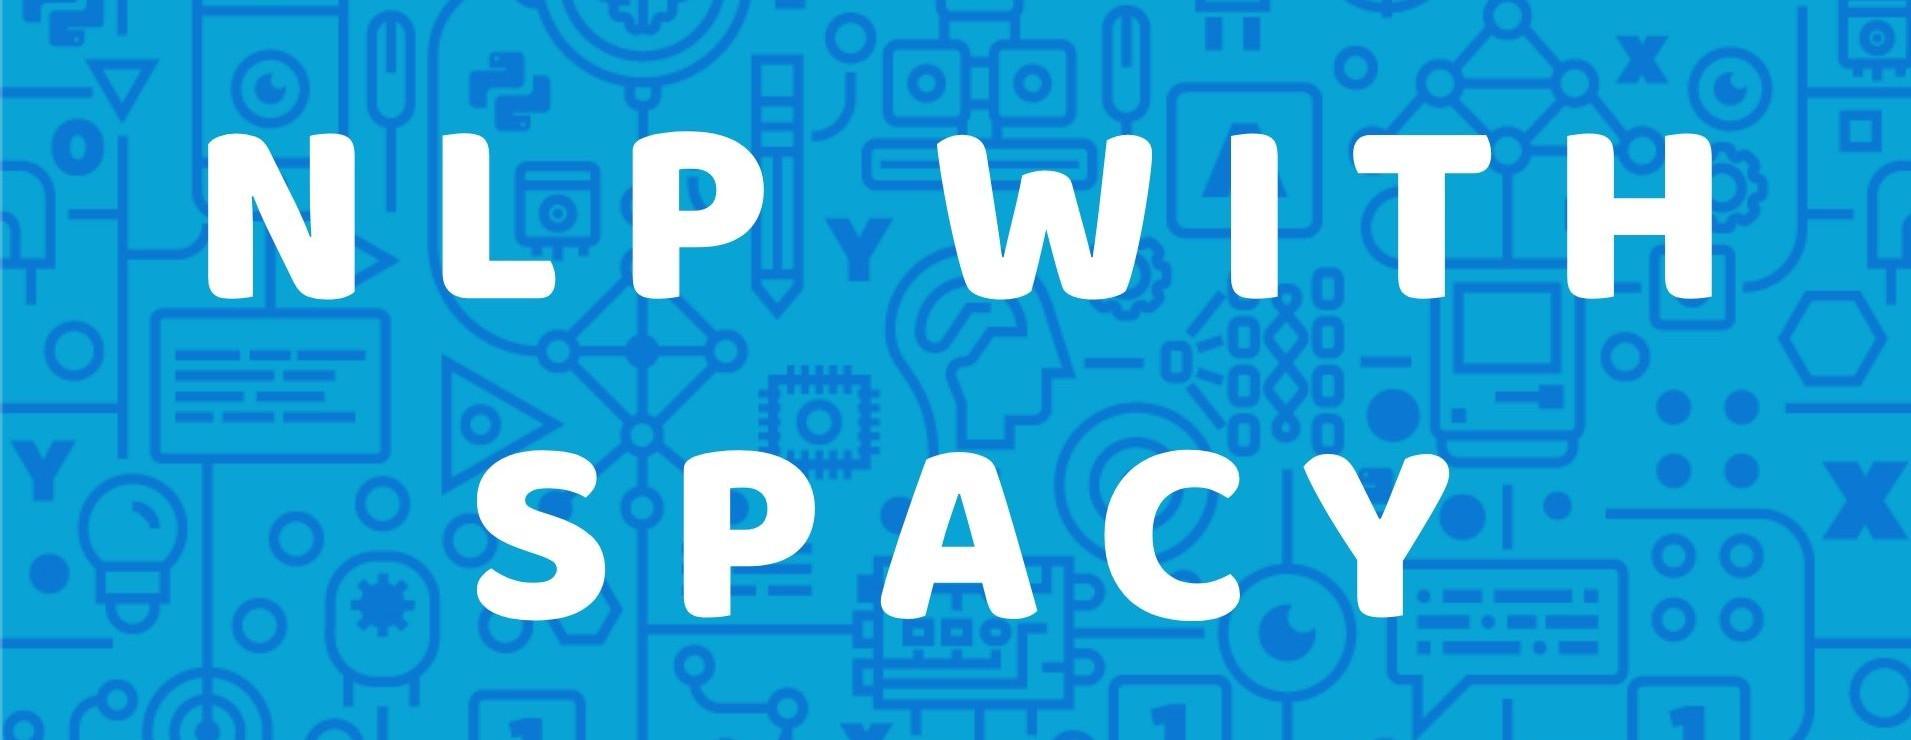 NLP Tasks Using SpaCy